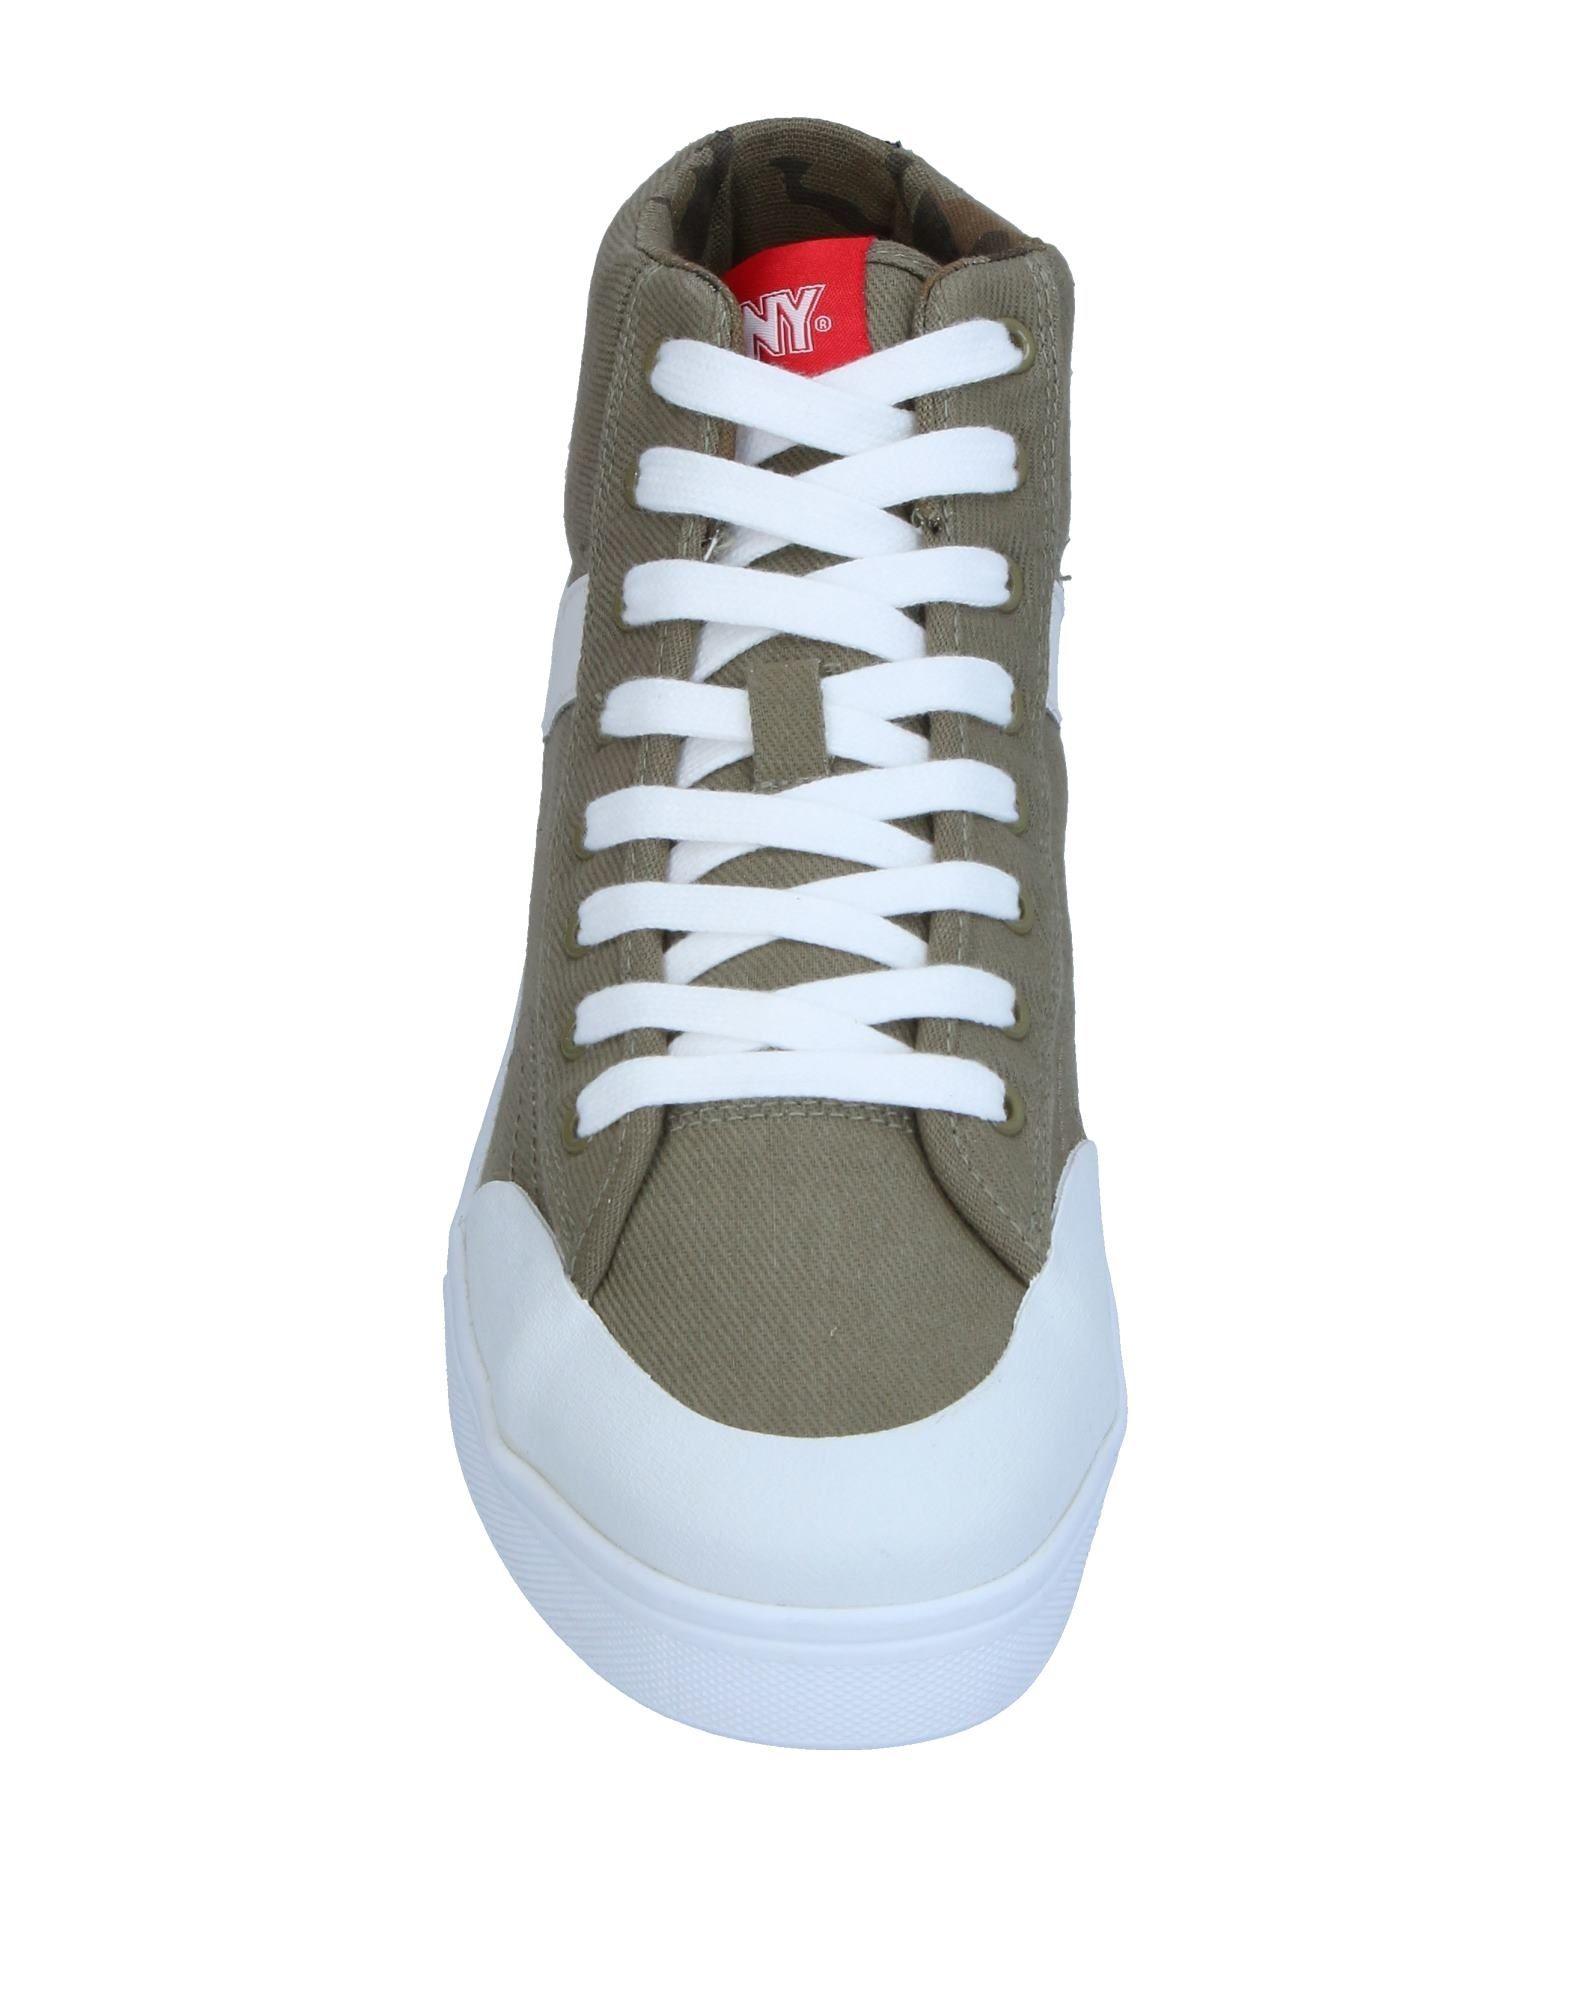 Pony Sneakers Herren Heiße  11340326WV Heiße Herren Schuhe 0ffbe2